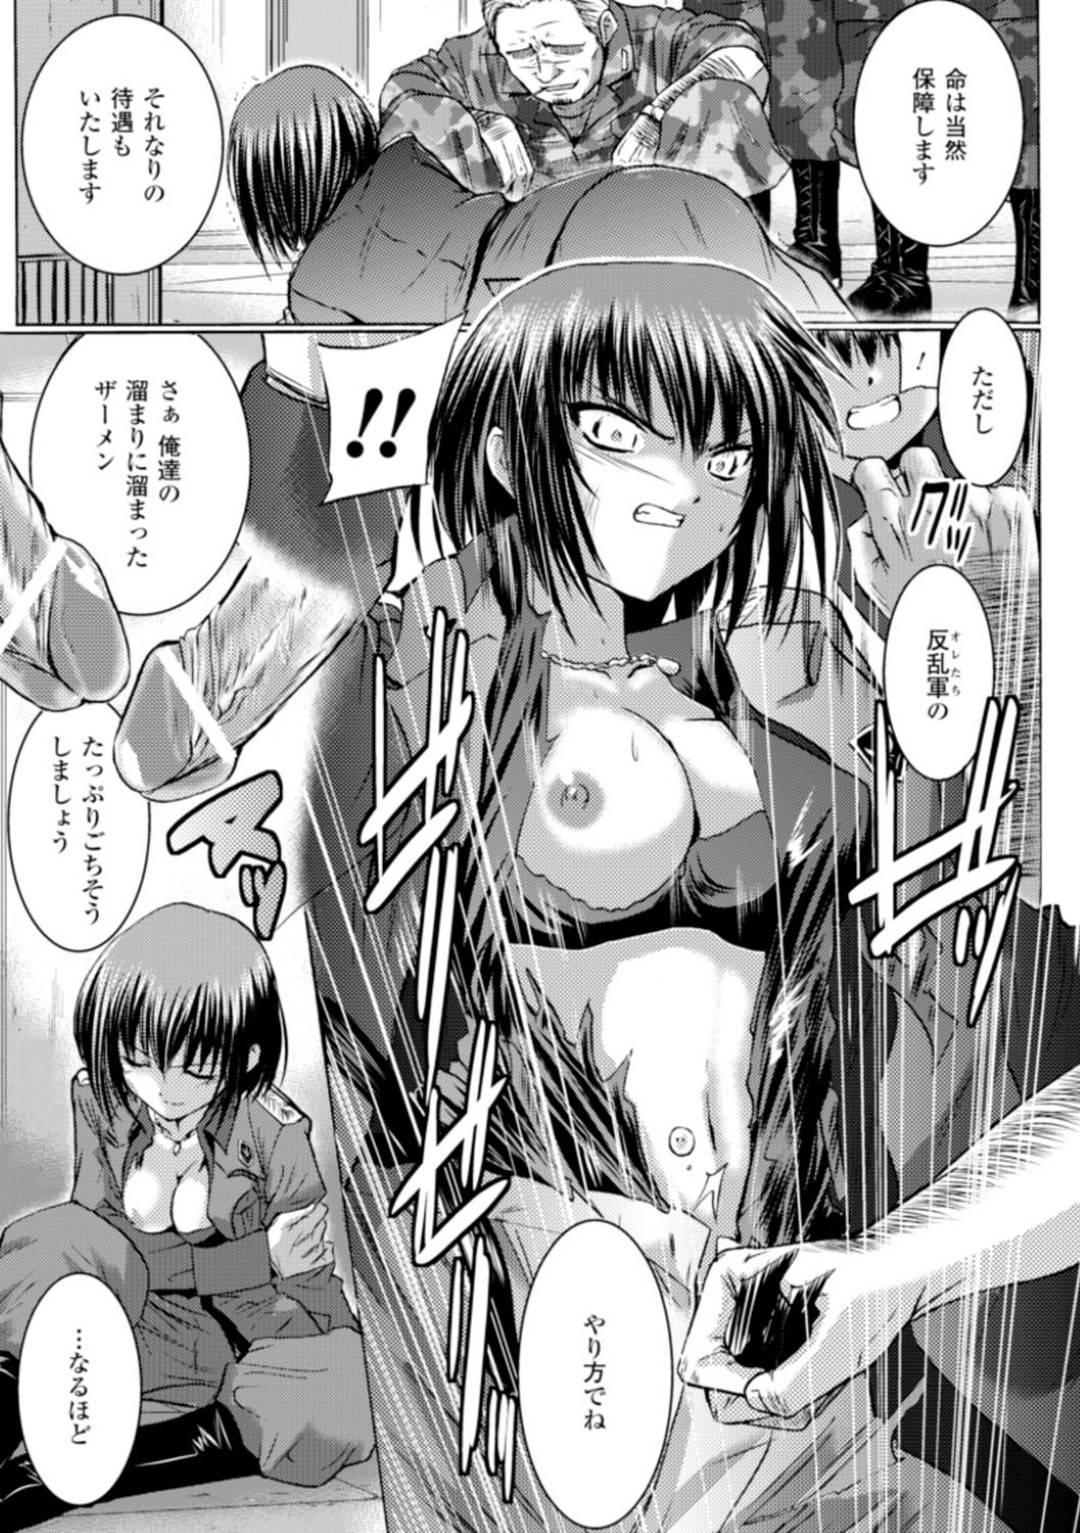 【エロ漫画】ボーイッシュな女閣下が反乱軍に襲撃を受けて捕まってしまい、暴力を振られて顔射されて恥辱を受ける。男たちに首を締められたり、体中に精子をぶっかけられ肉便器のように代わる代わる乱暴に犯される。